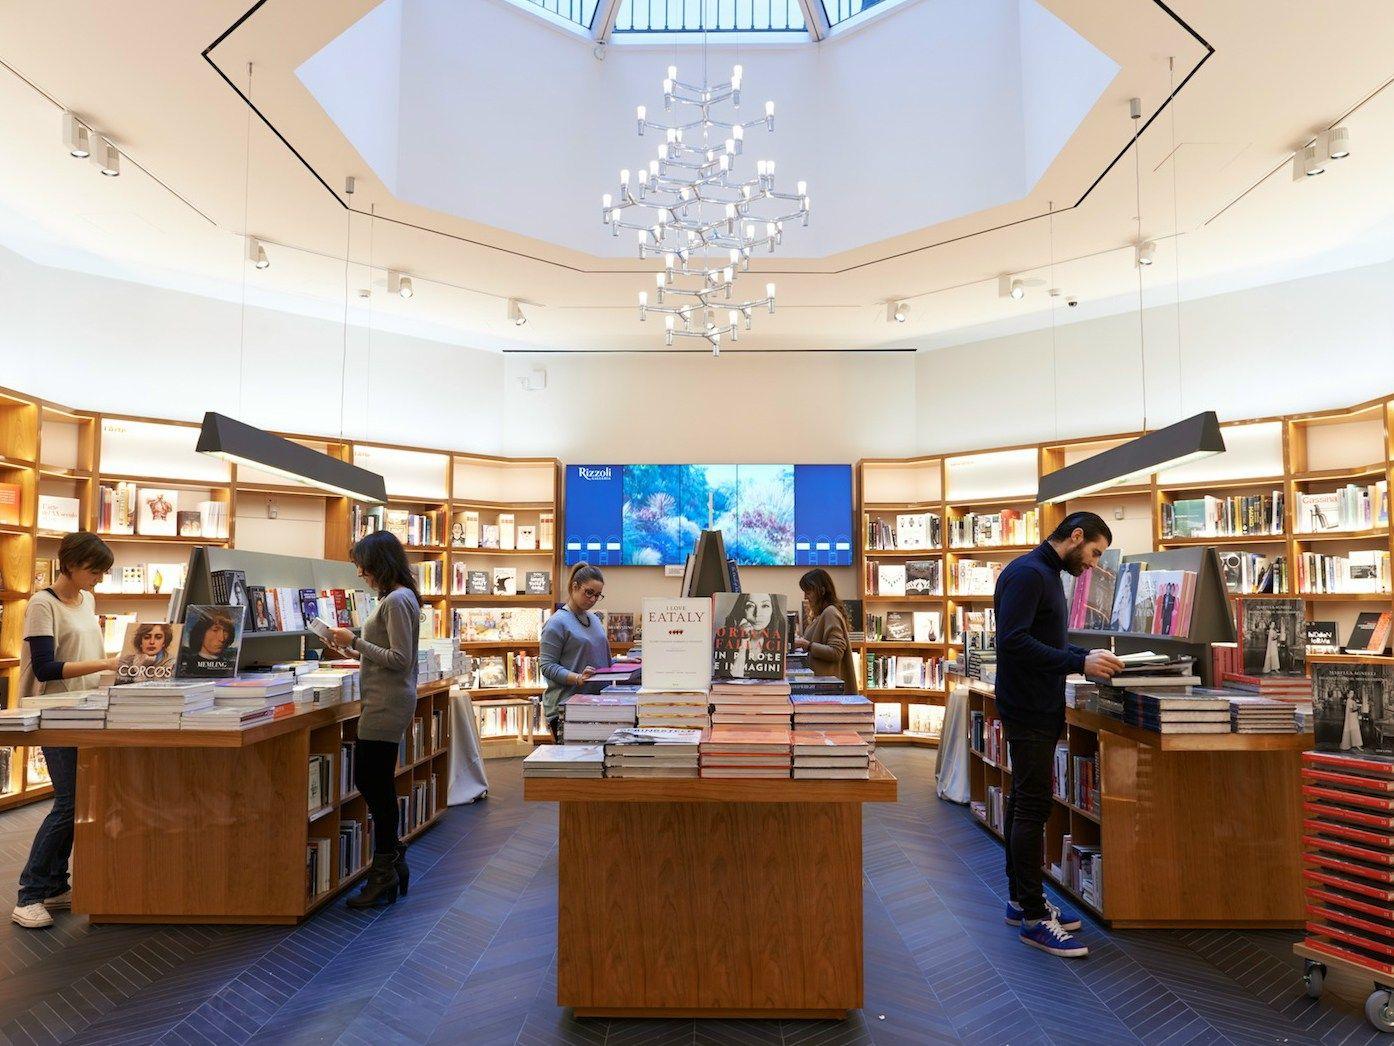 Alla Rizzoli Galleria la luce Reggiani come esperienza sensoriale